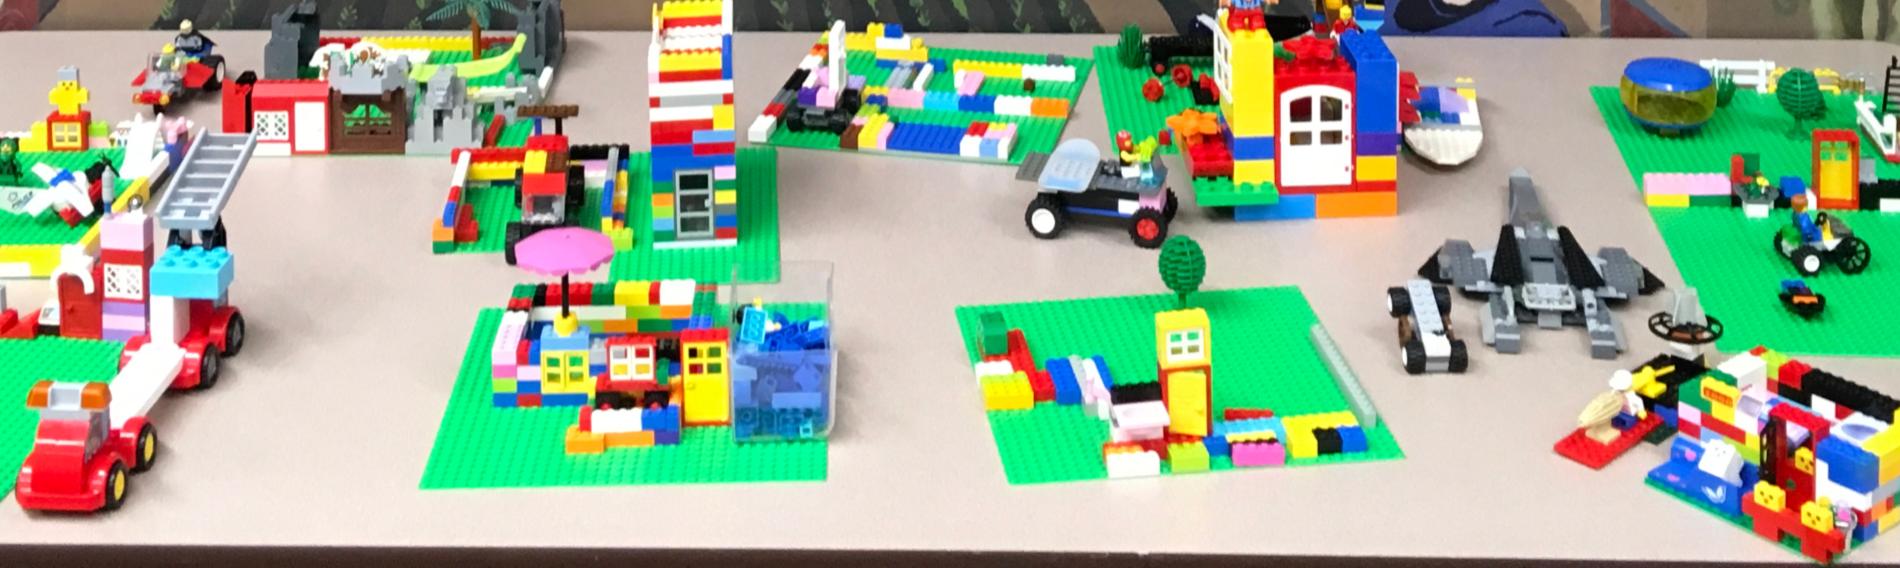 Lego Club Builders' Gallery